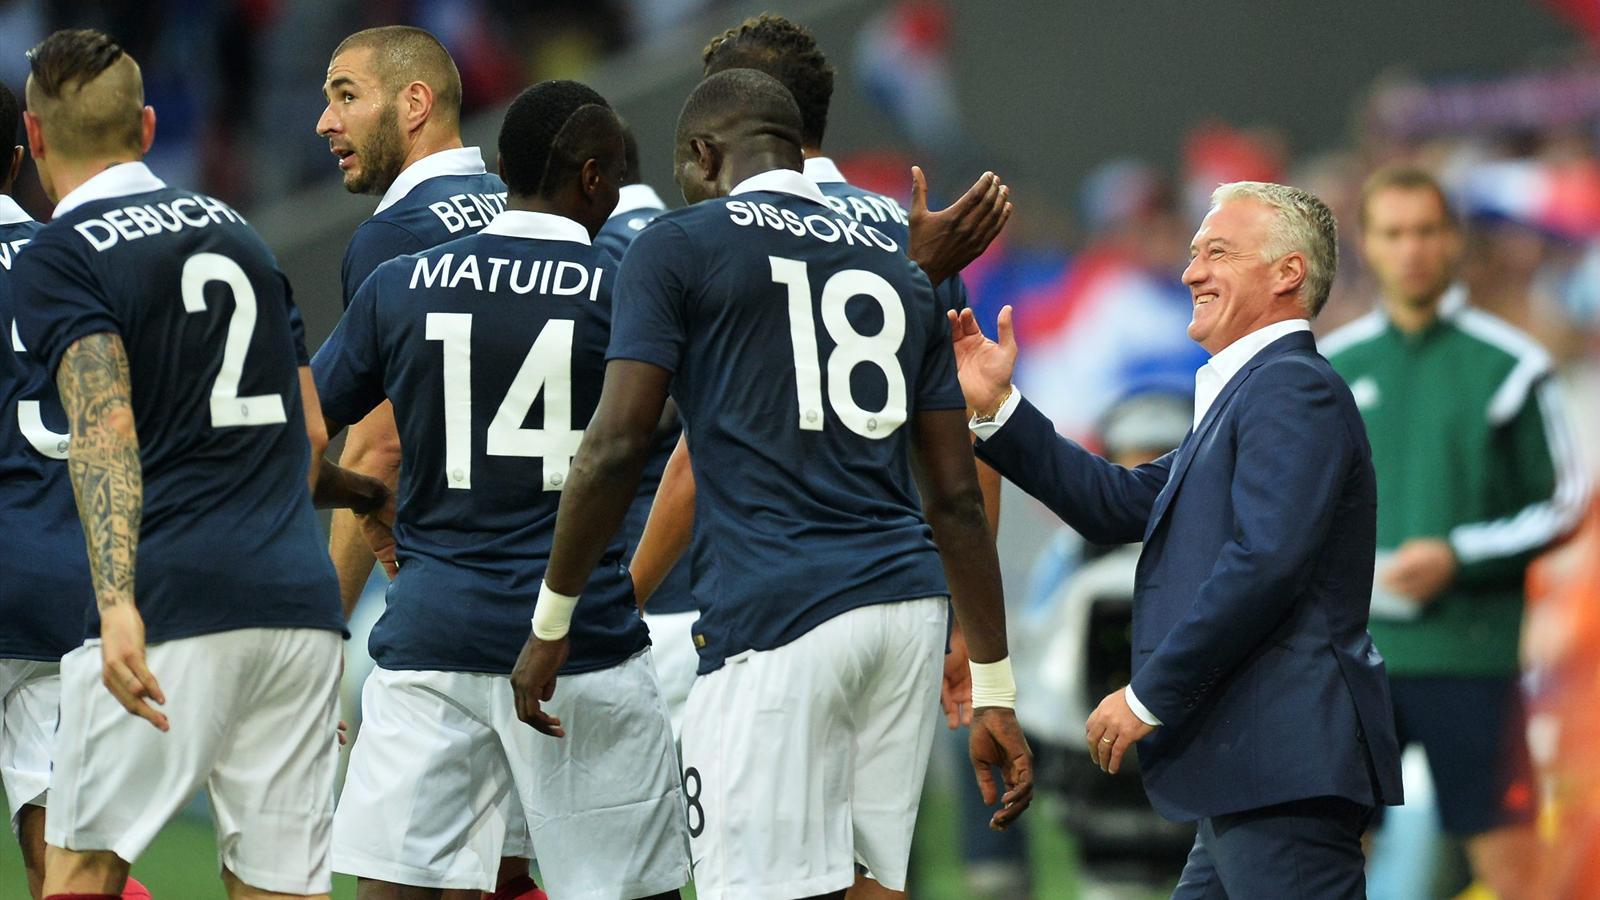 Coupe du monde de lloris sissoko avec deschamps tout est clair en quipe de france coupe - Classement equipe de france coupe du monde 2014 ...